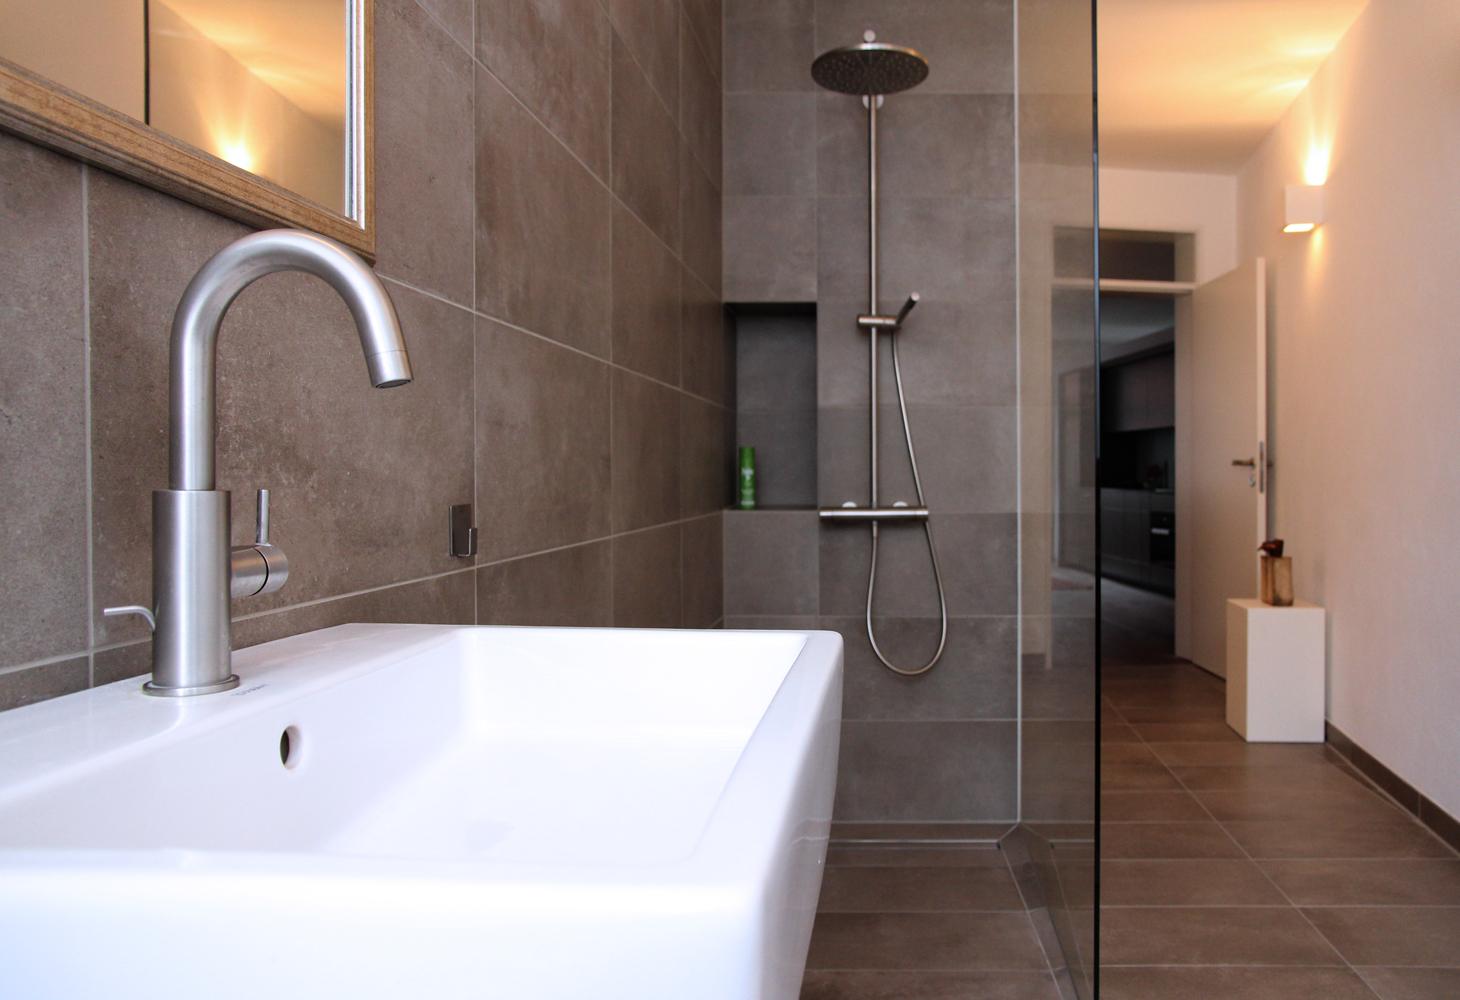 Großes Platzangebot im Duschbereich.